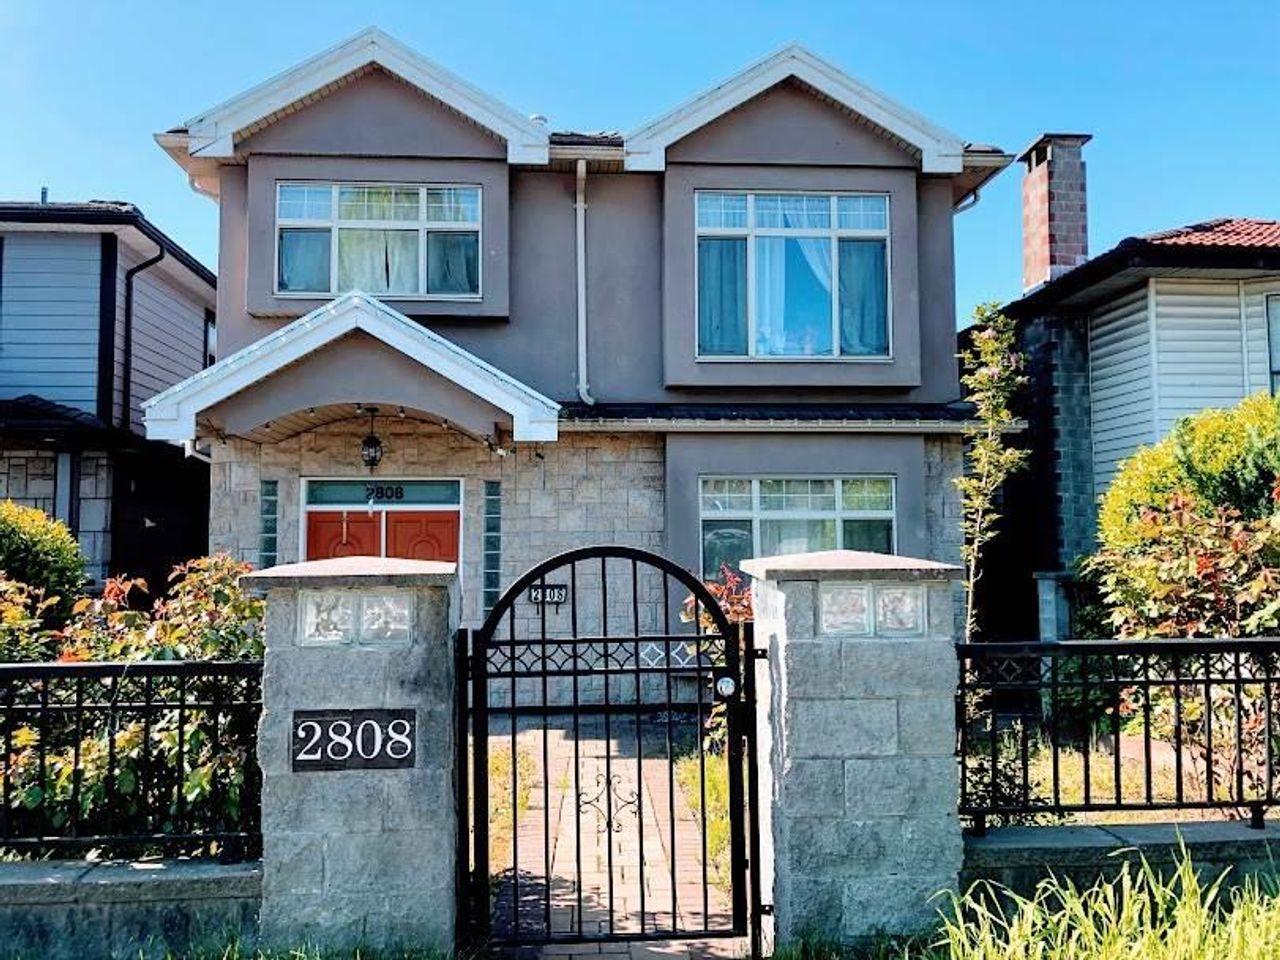 2808 E Broadway, Renfrew Heights, Vancouver East